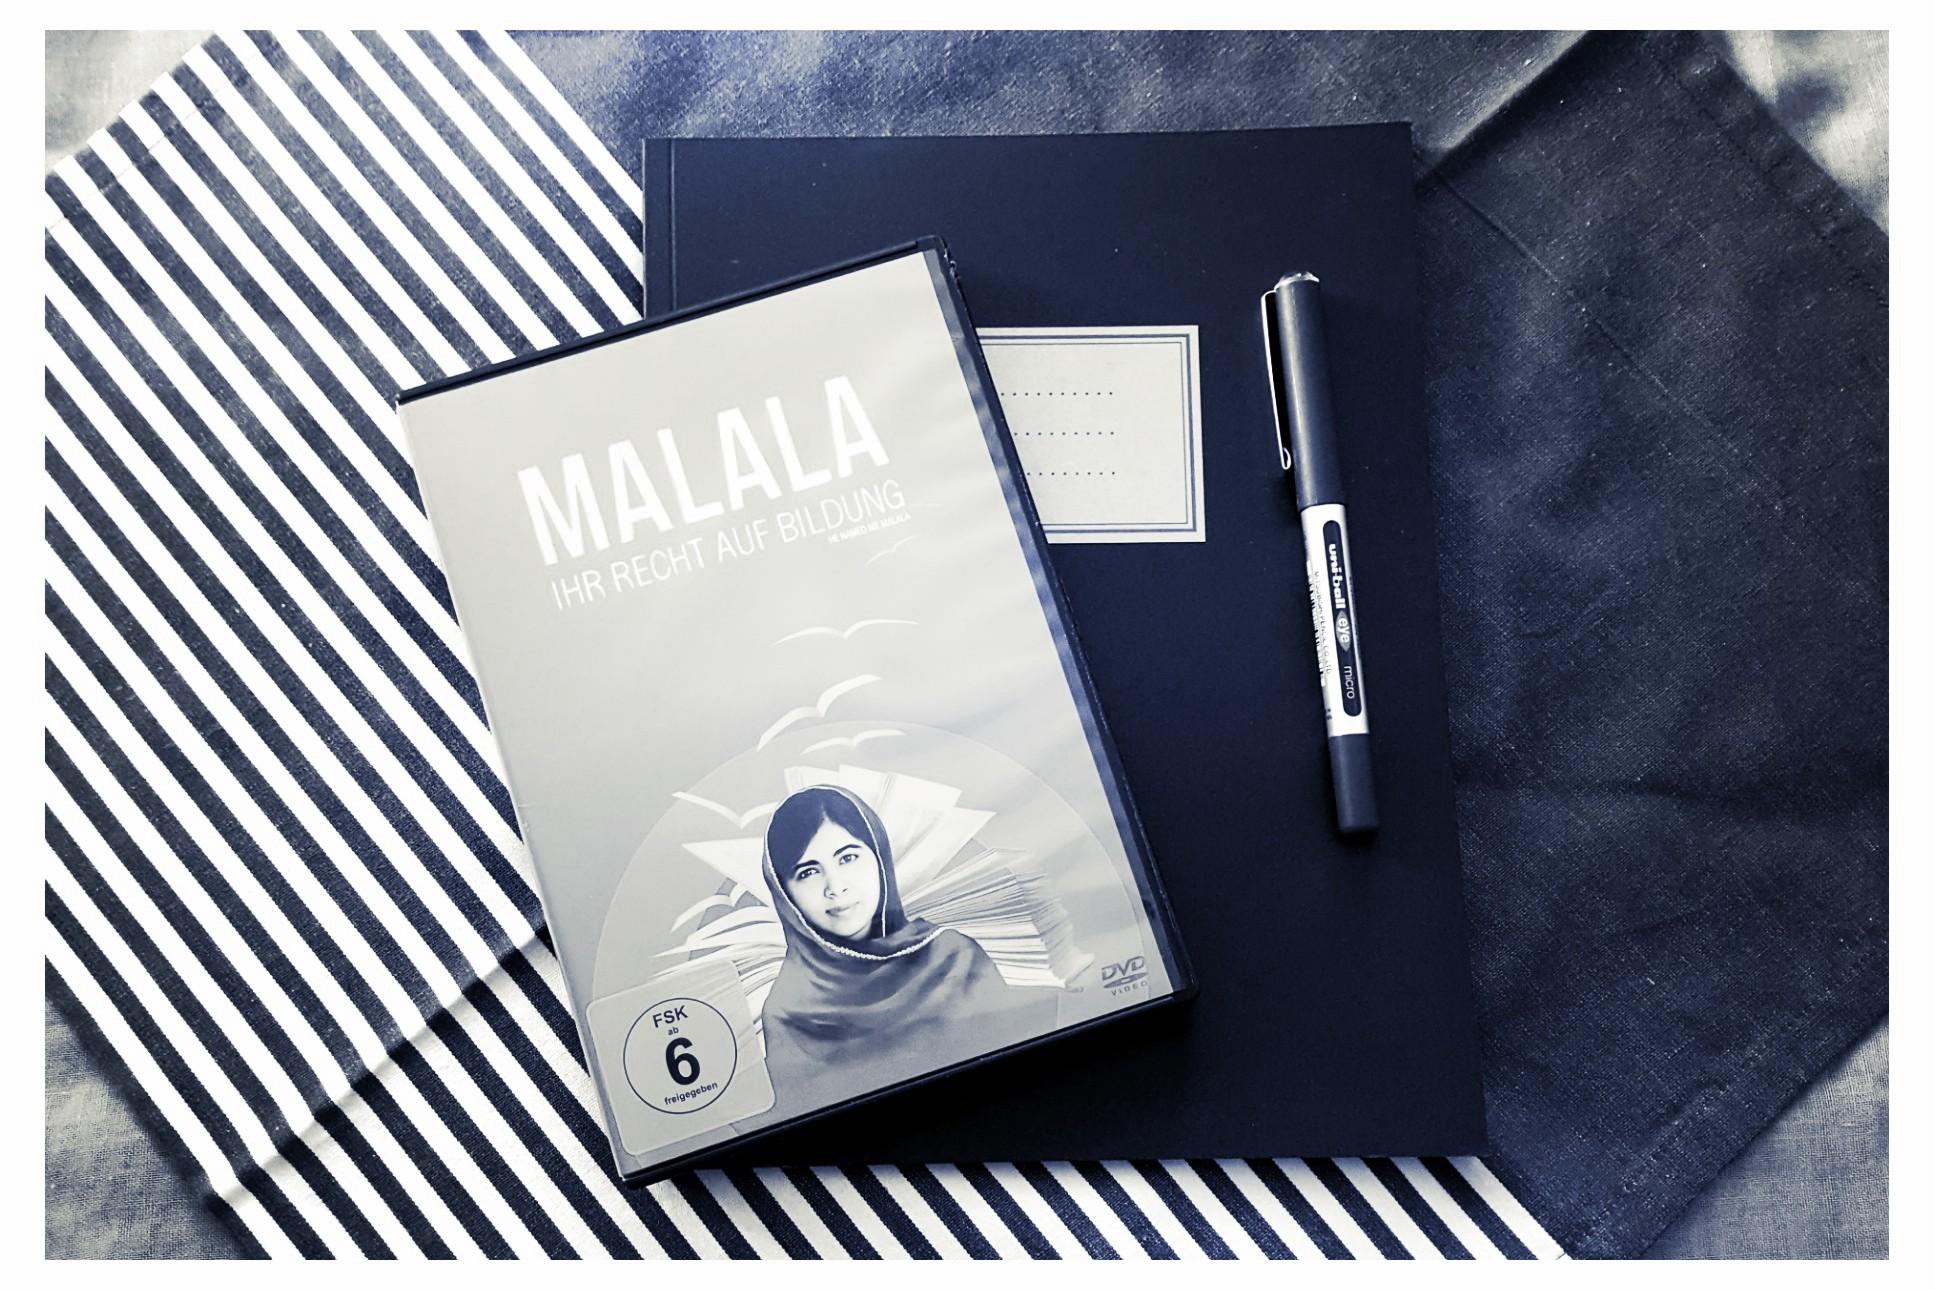 [Dokumentation + Gastrezension] Malala. Ihr Recht auf Bildung // Ich bin Malala